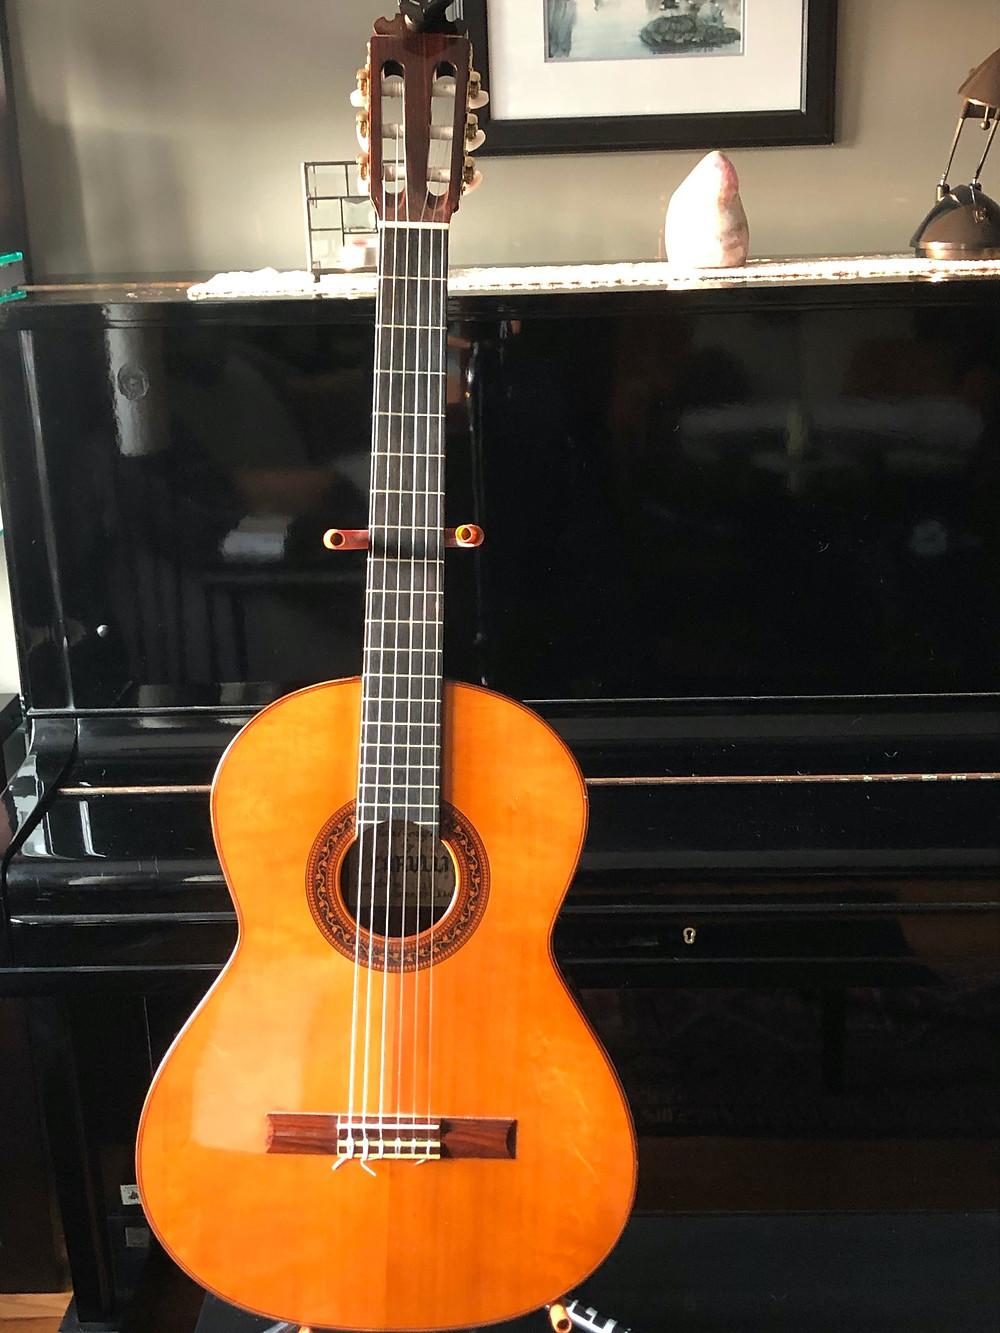 Martina's classical guitar